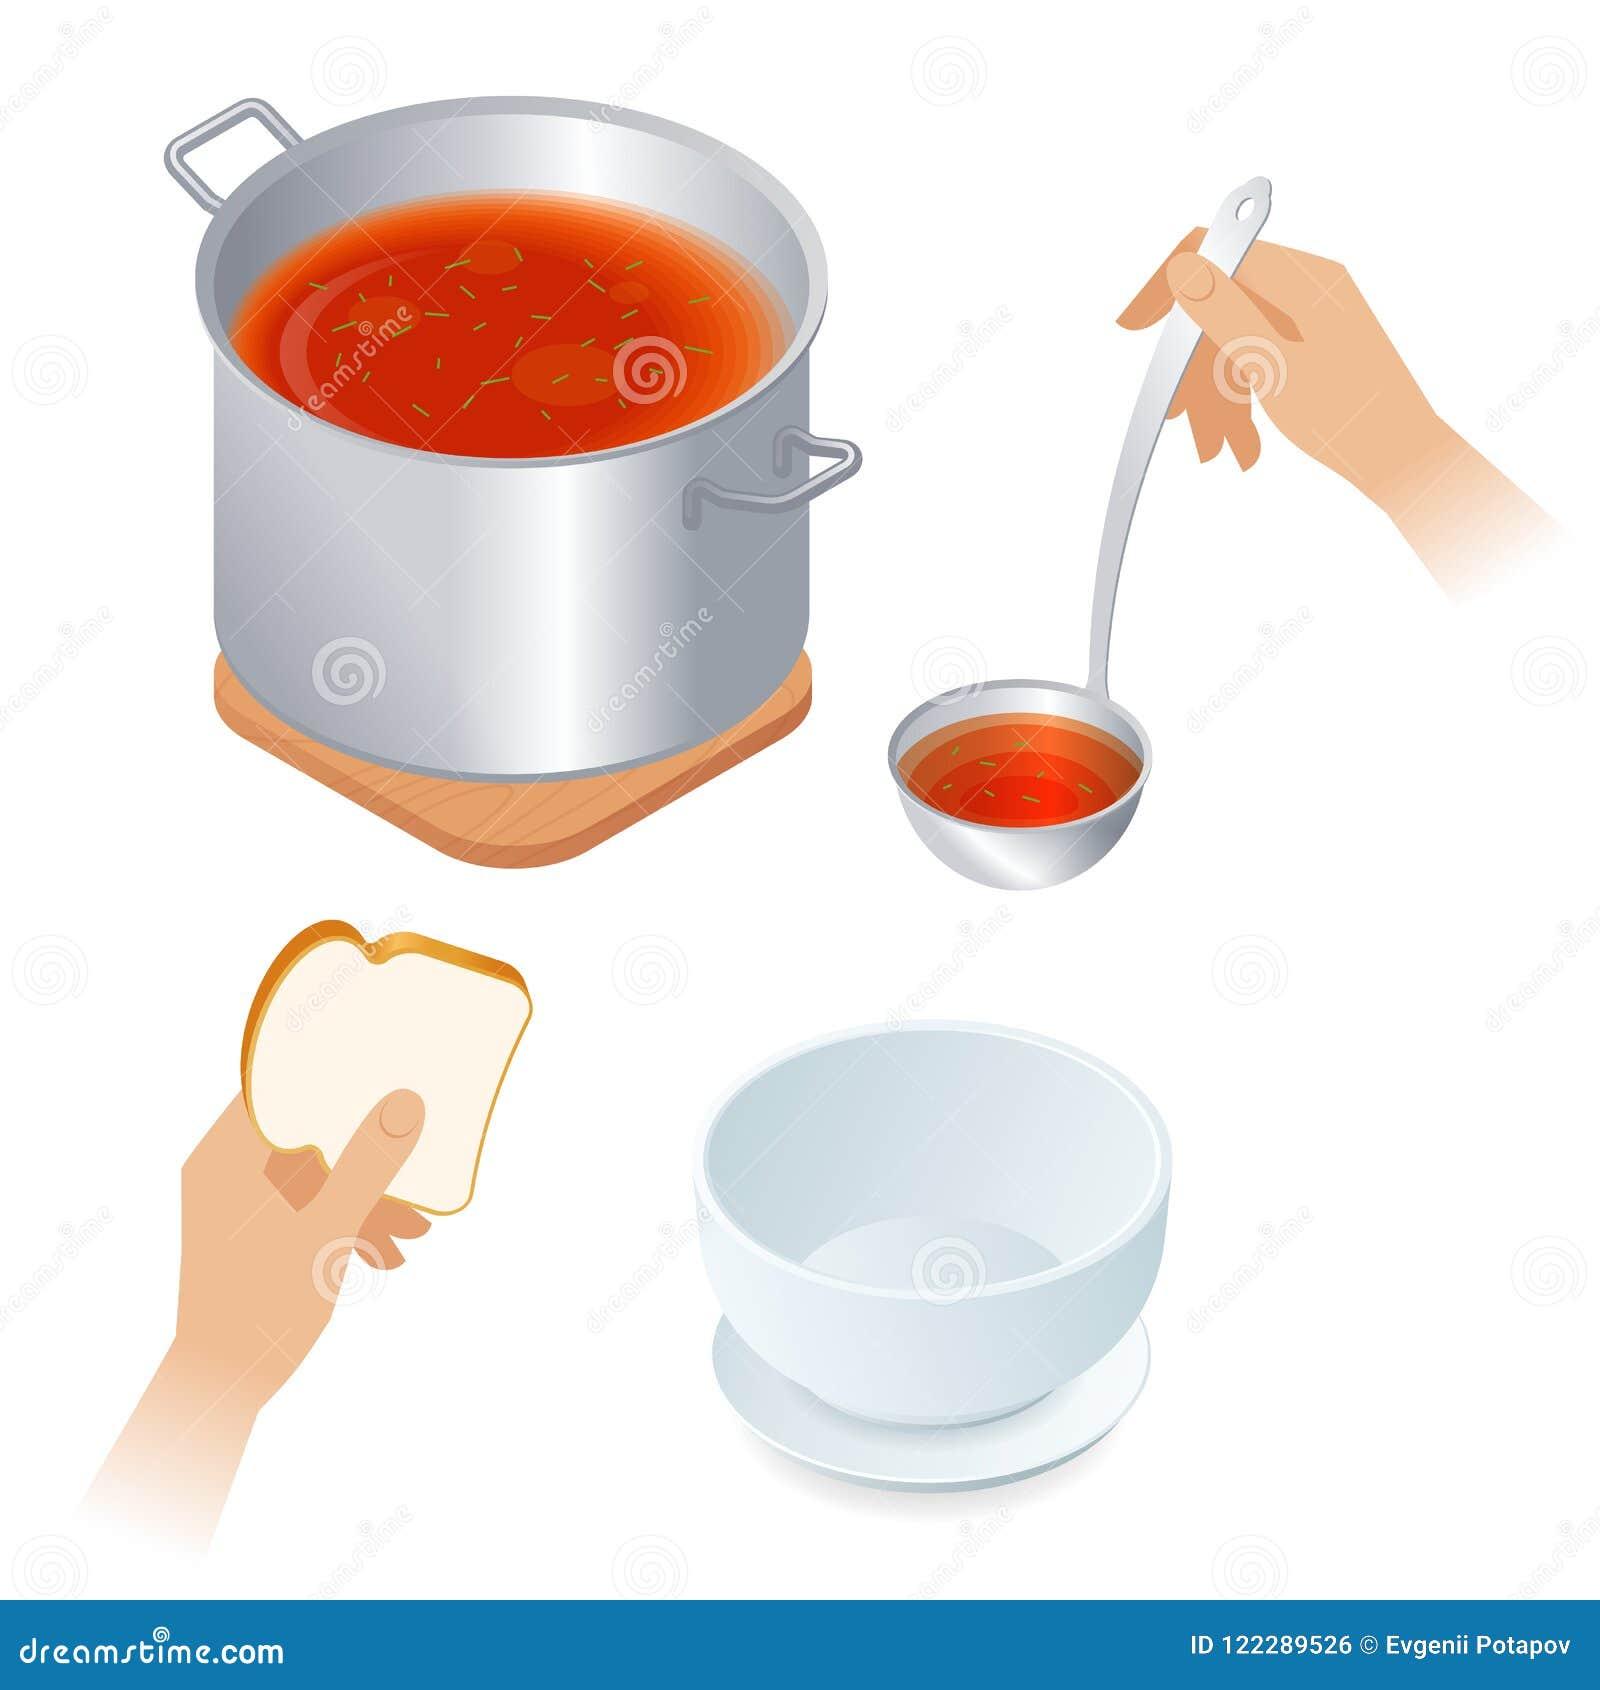 Flache isometrische Illustration der Kasserolle mit Tomatensuppe, Schüssel,